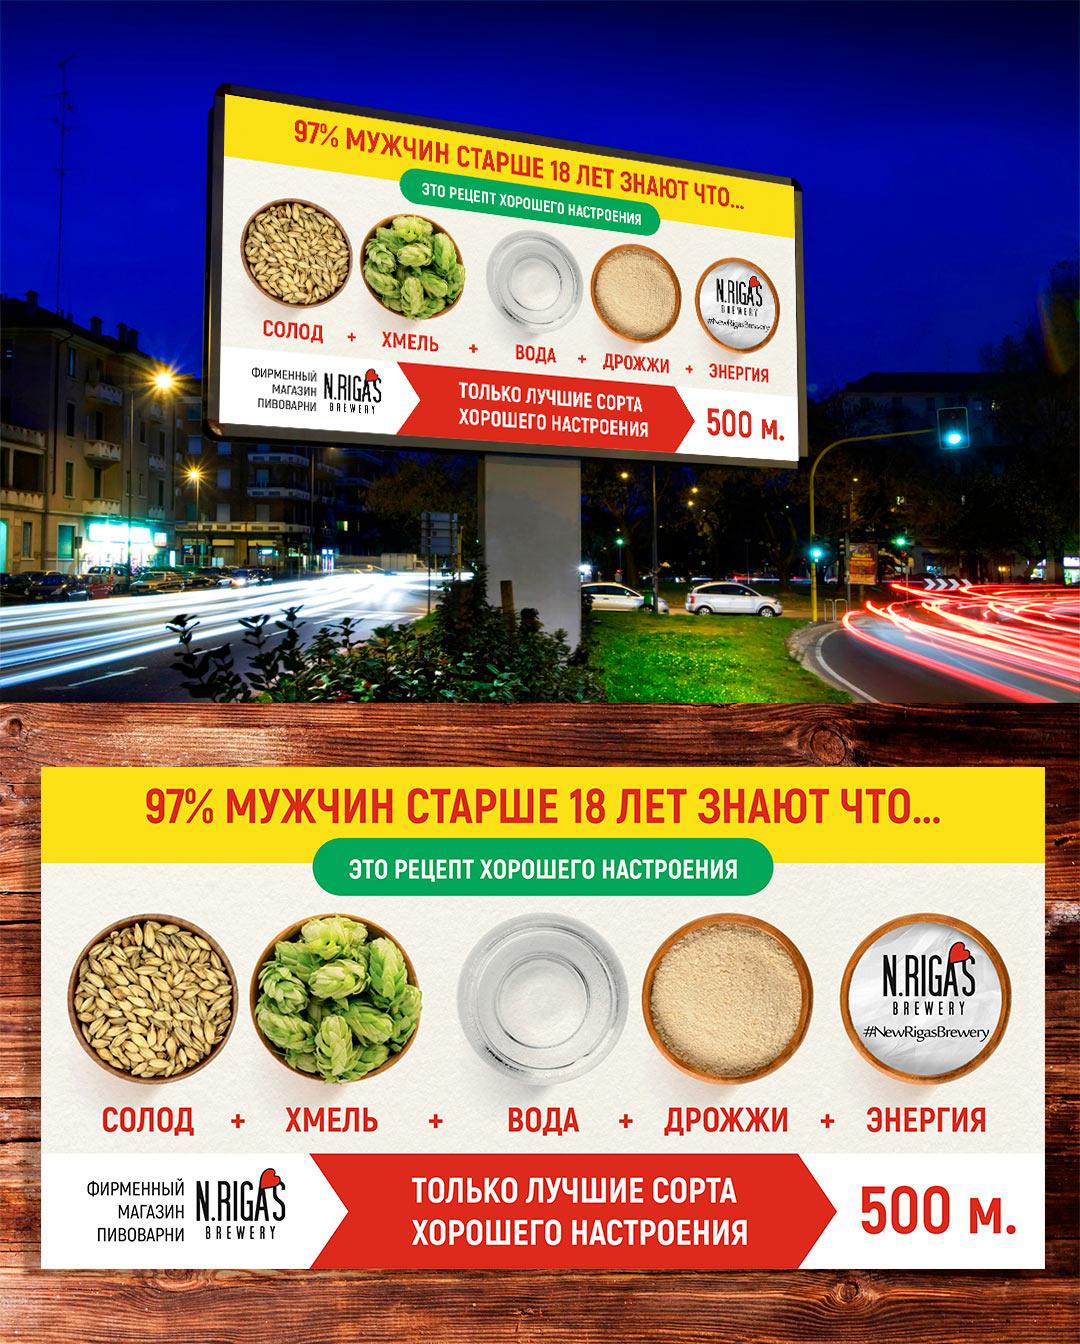 Дизайн билборда 6*3 фото f_3525ee25698191da.jpg